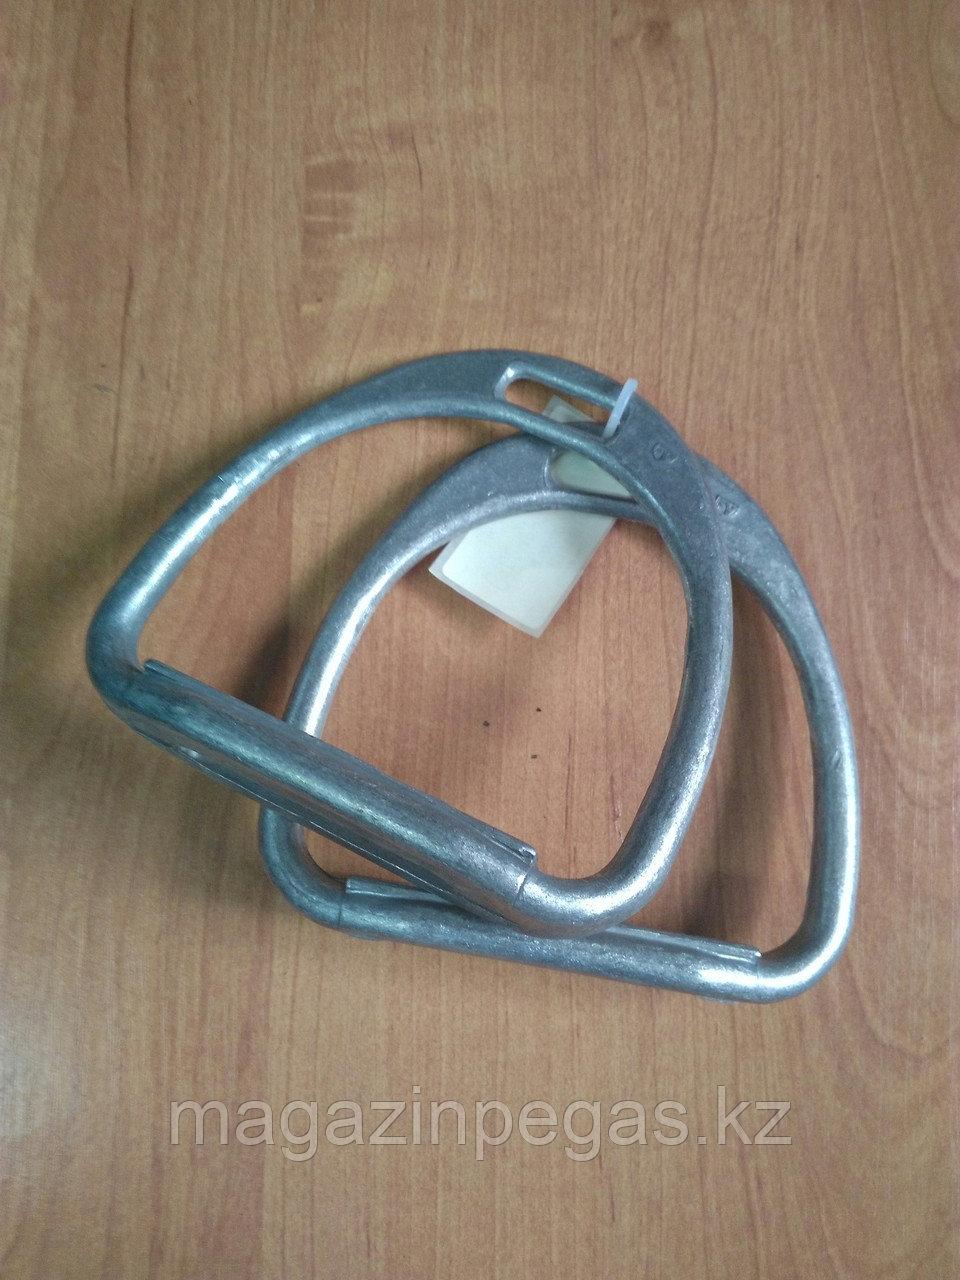 Стремена алюминиевые упрощенные.Киргизия